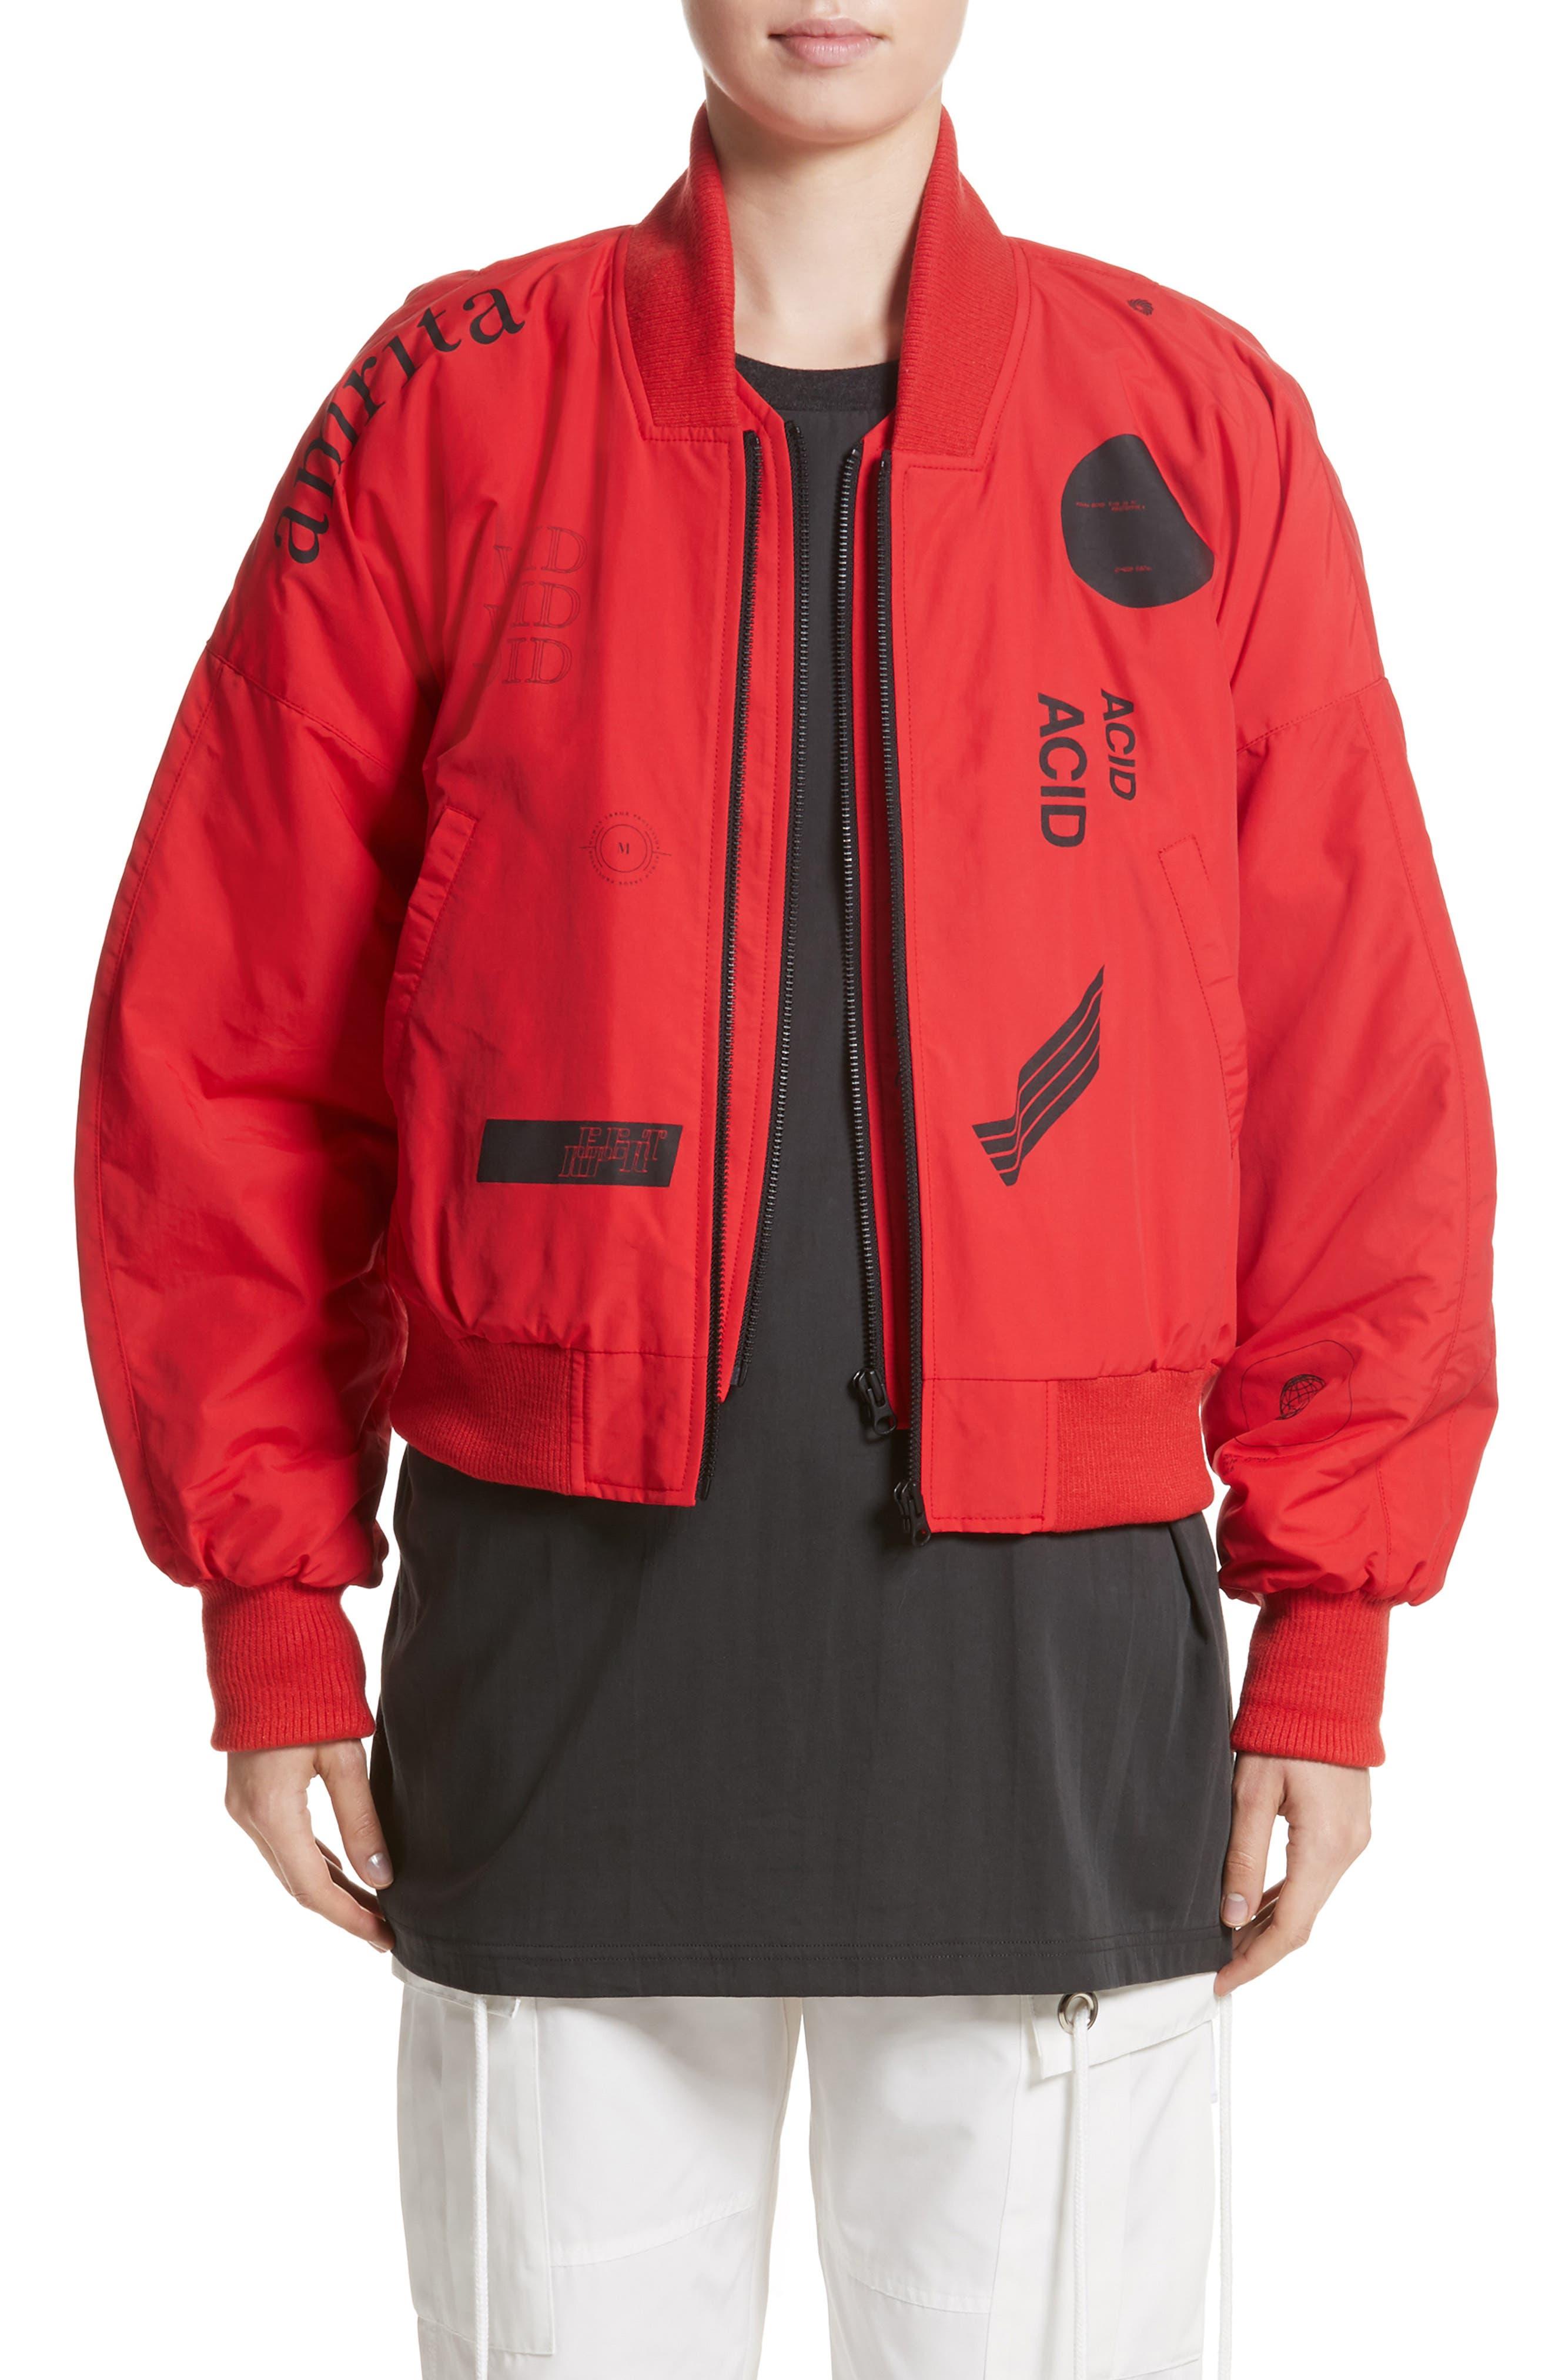 Kaneda Bomber Jacket,                             Main thumbnail 1, color,                             Red